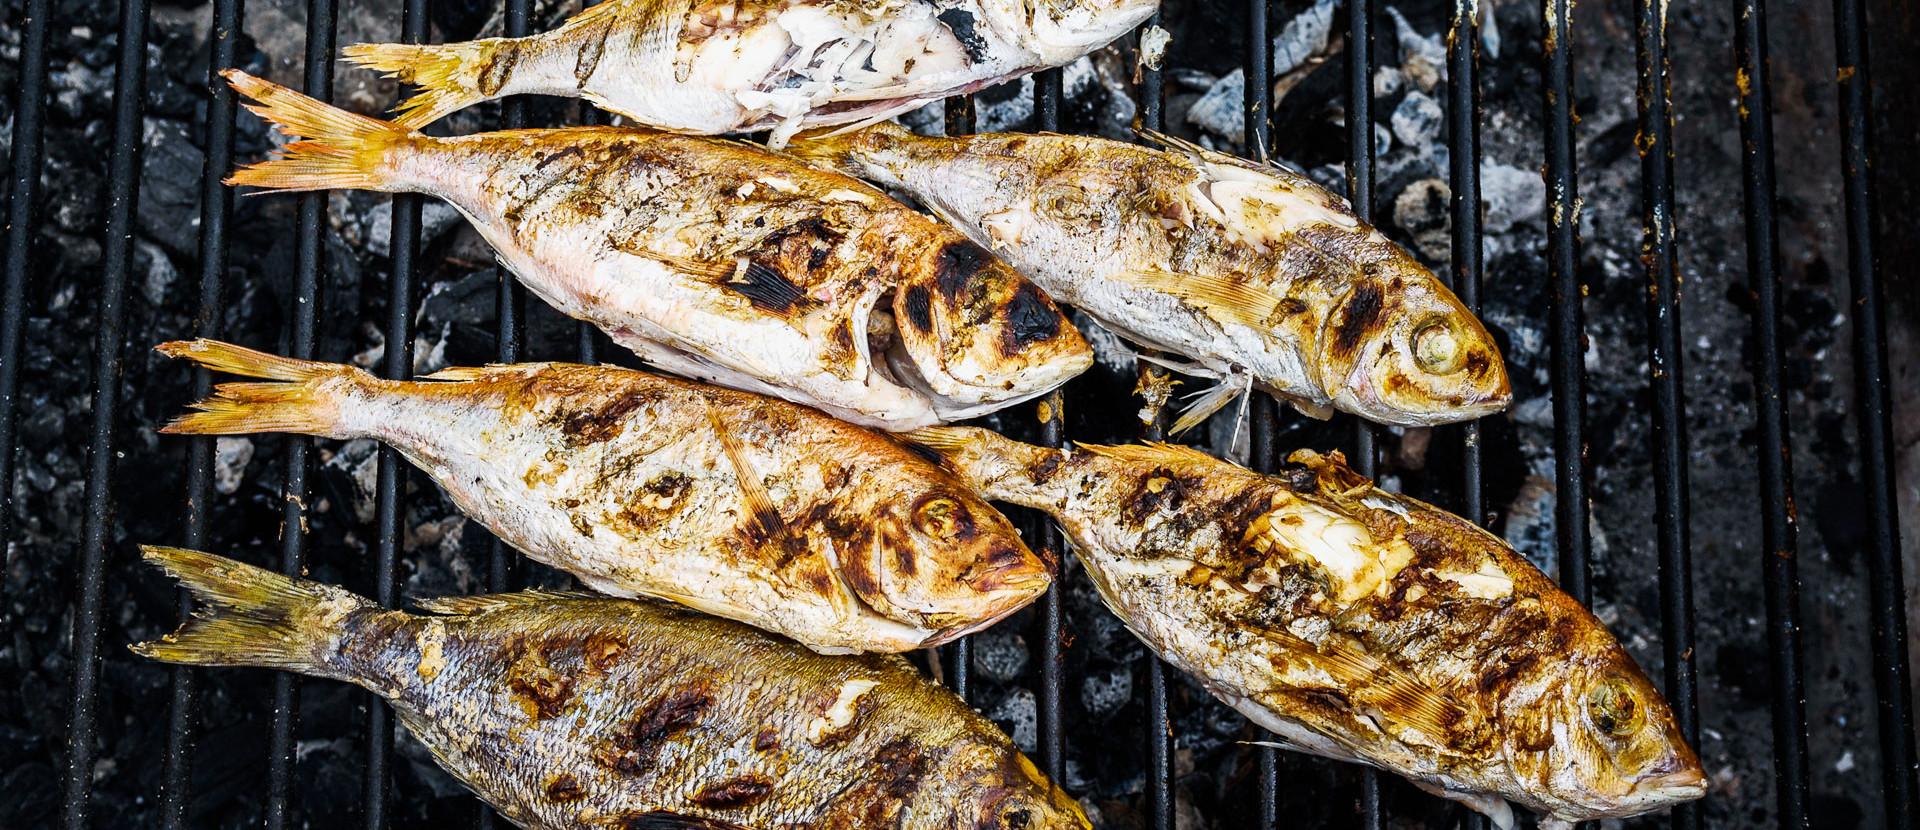 Fische auf einem Grillrost